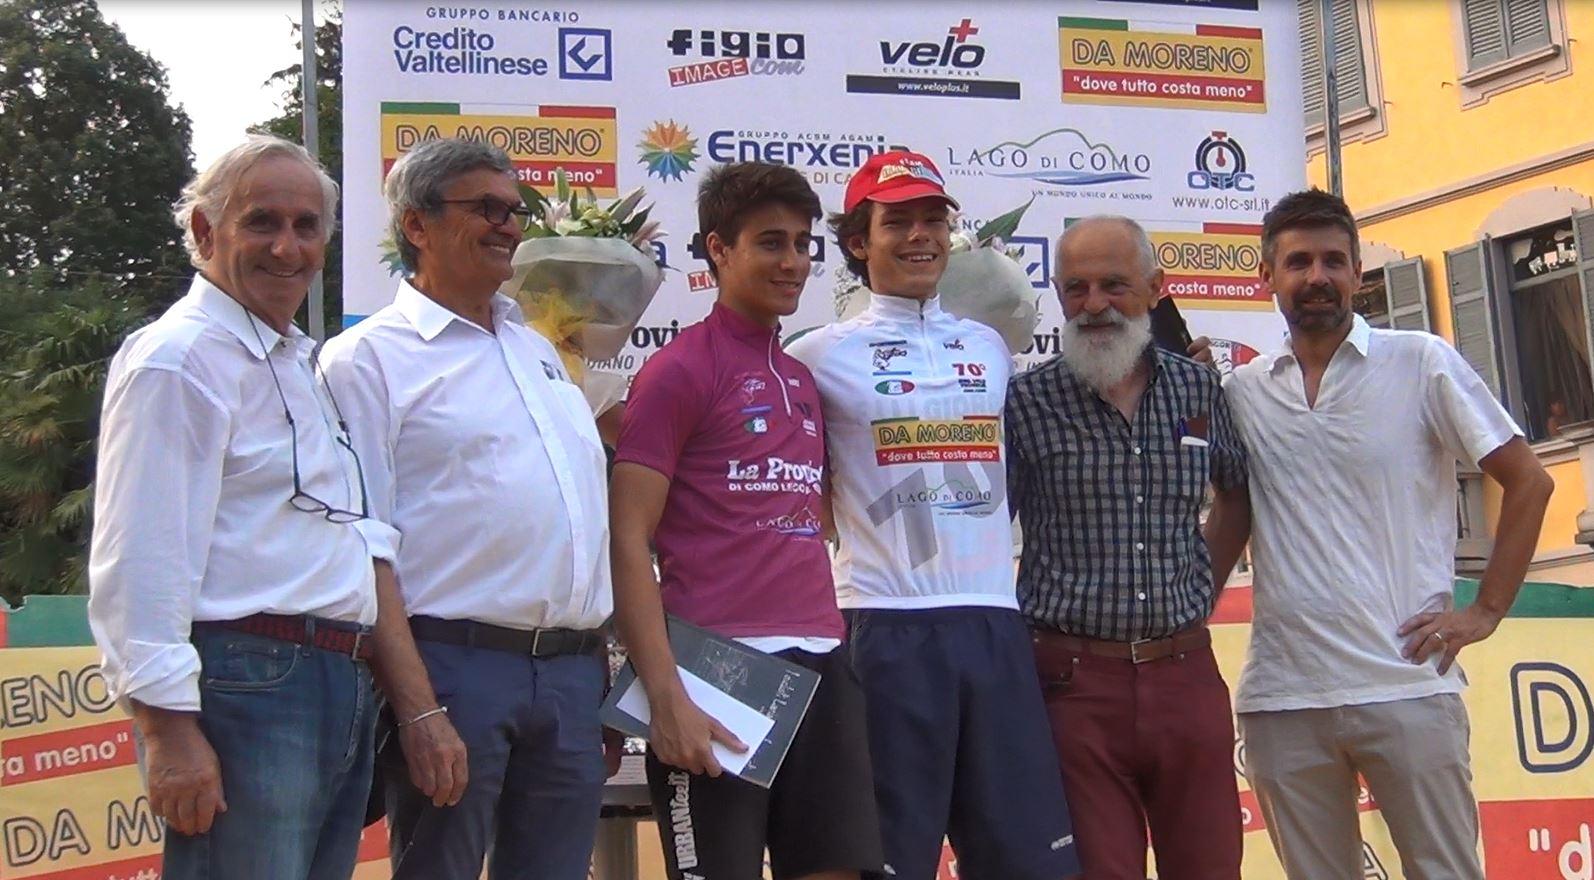 Lorenzo Balestra con la maglia bianca di leader e Luciano Camplone con la maglia fucsia di miglior giovane